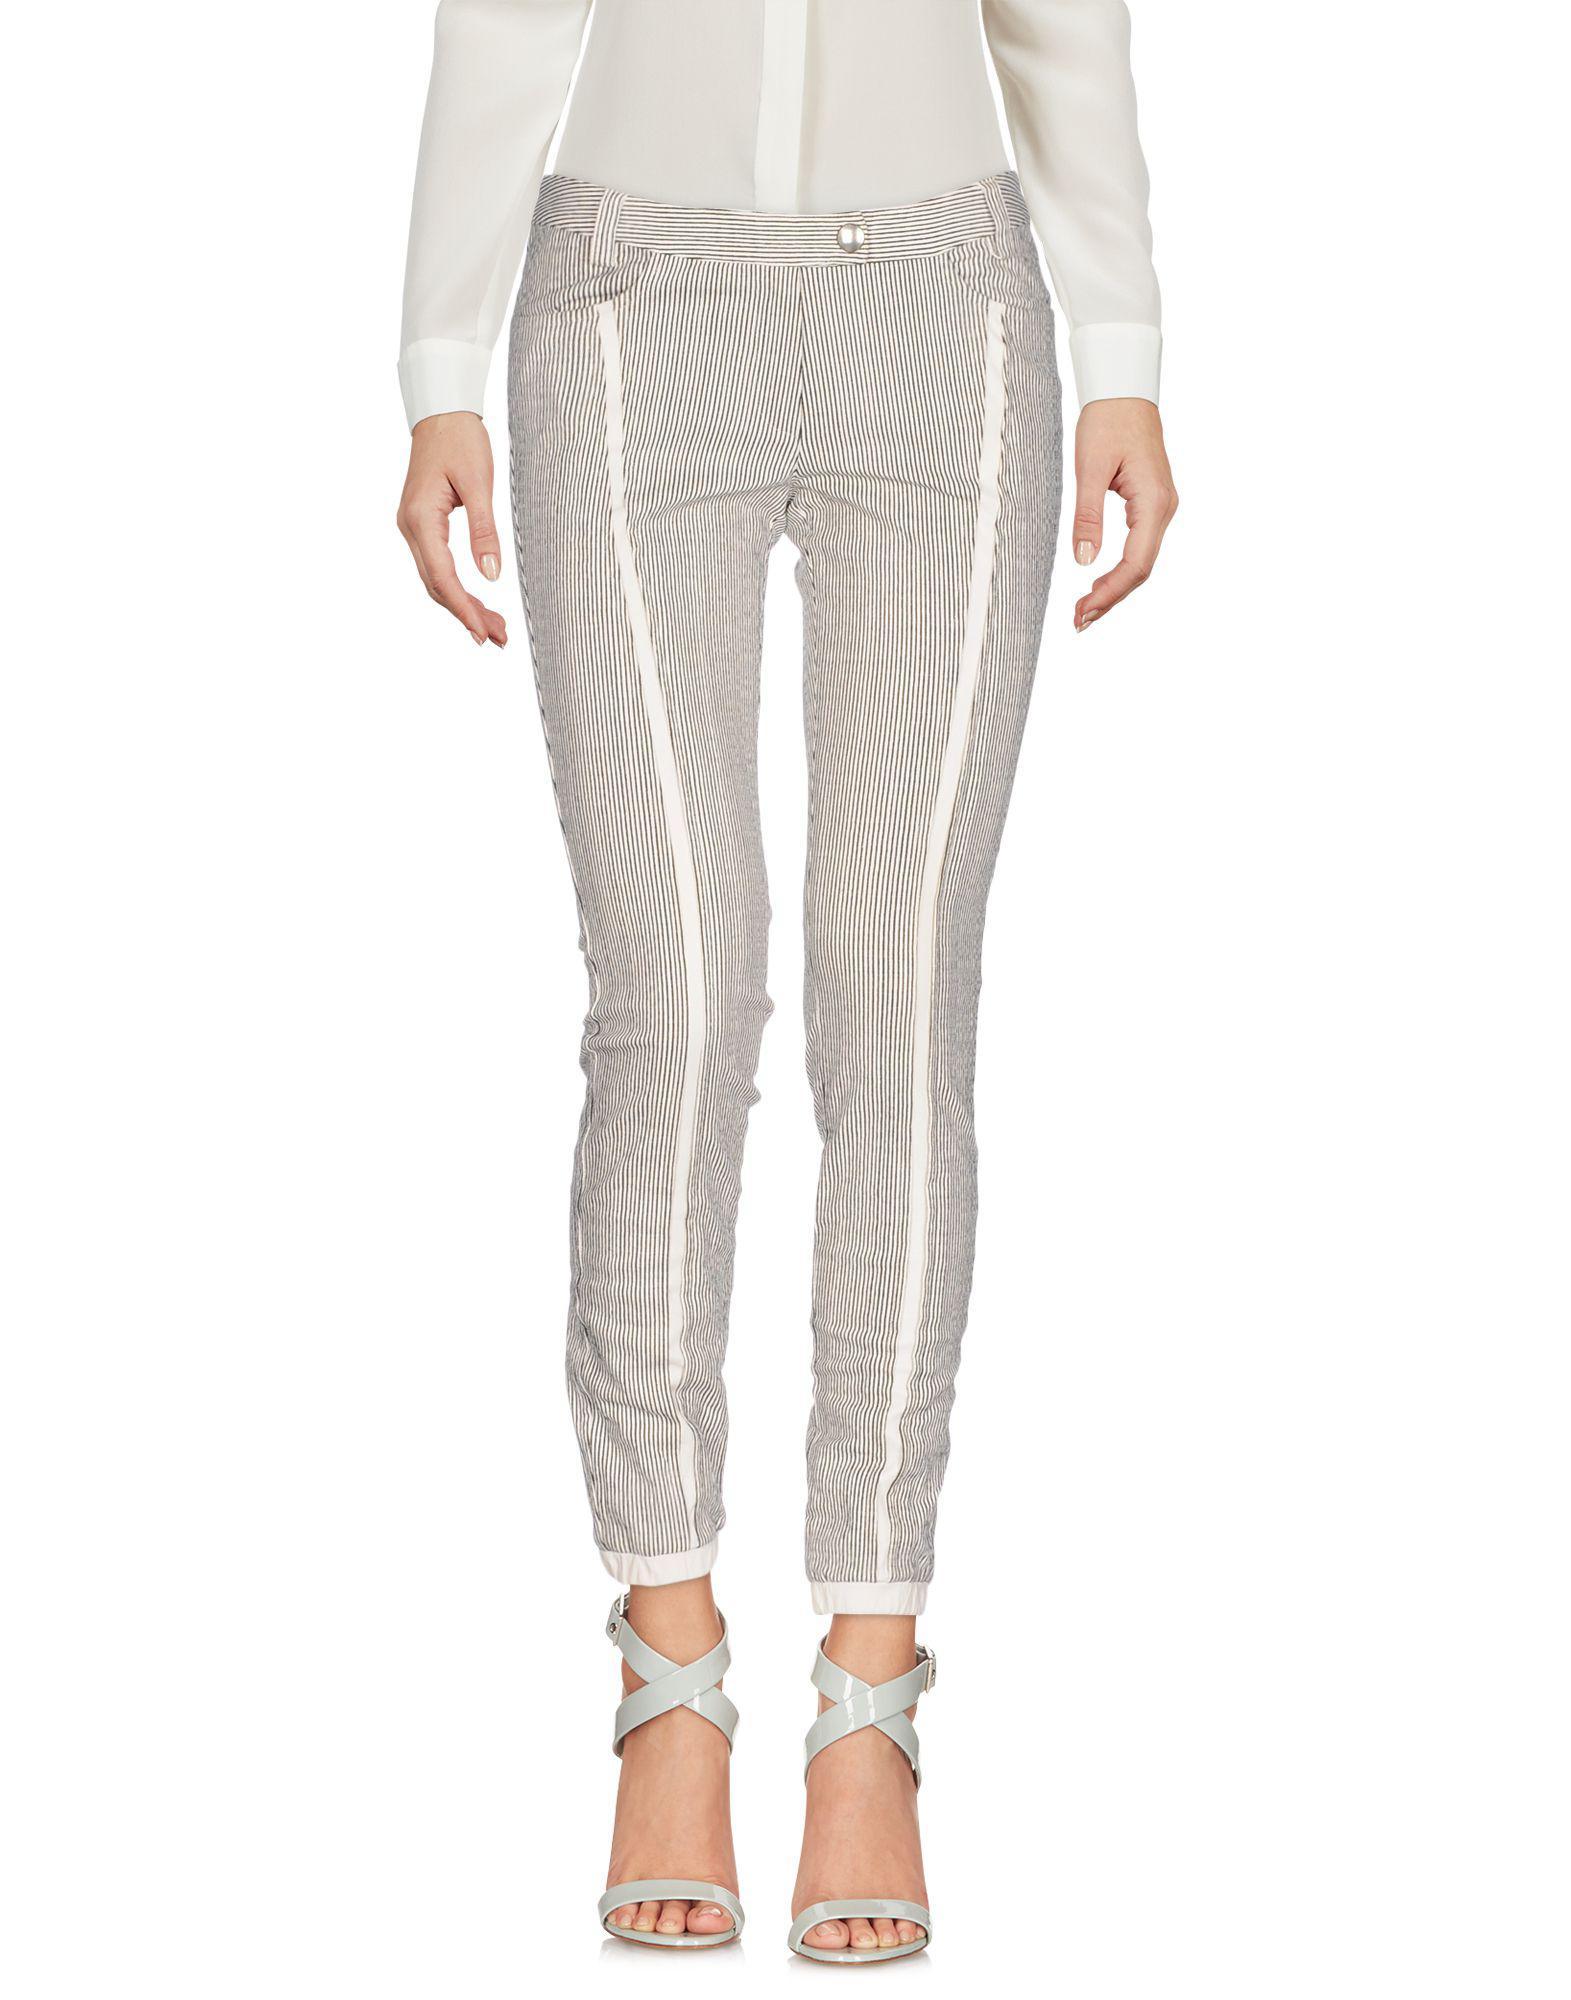 Pantalon - Collection Pantalon Décontracté Privée gunm2p